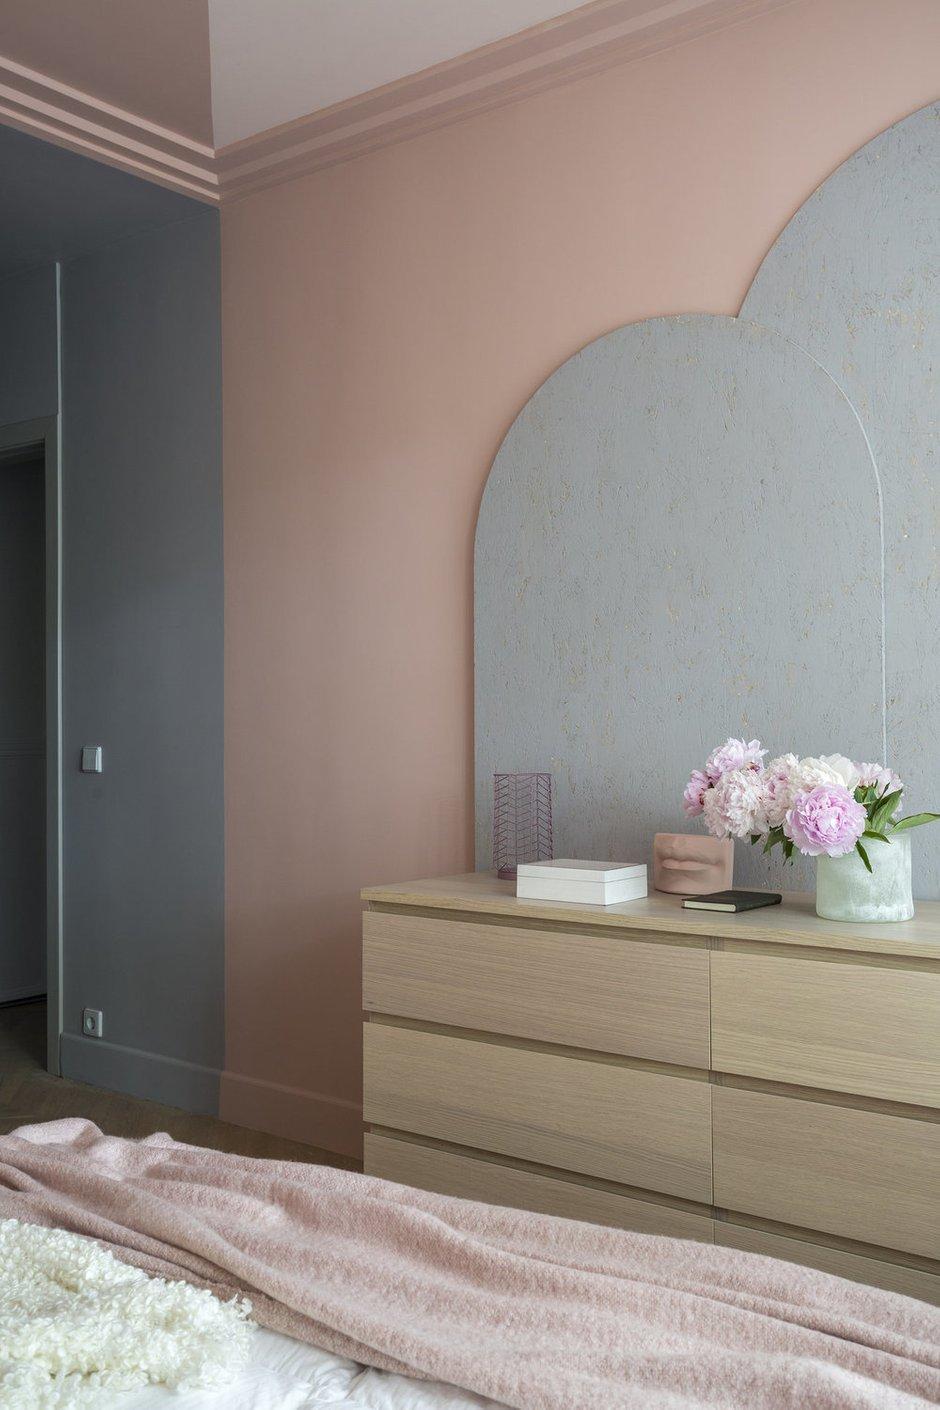 Фотография: Спальня в стиле Скандинавский, Квартира, Проект недели, Москва, П-44, Панельный дом, 2 комнаты, 40-60 метров – фото на INMYROOM